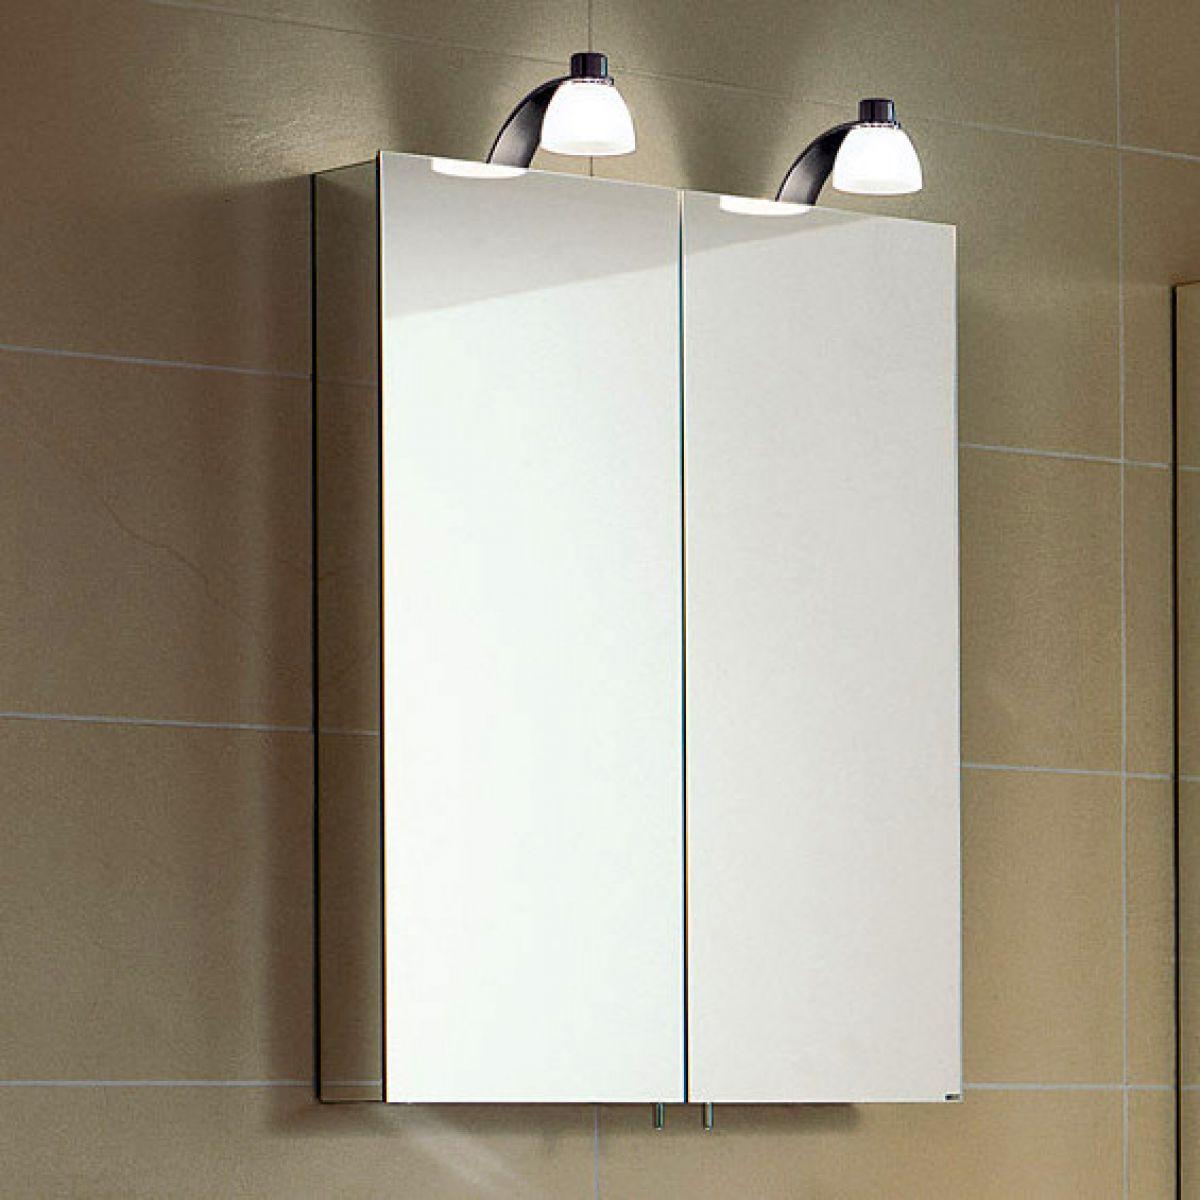 keuco royal 30 mirror cabinet 600mm uk bathrooms. Black Bedroom Furniture Sets. Home Design Ideas